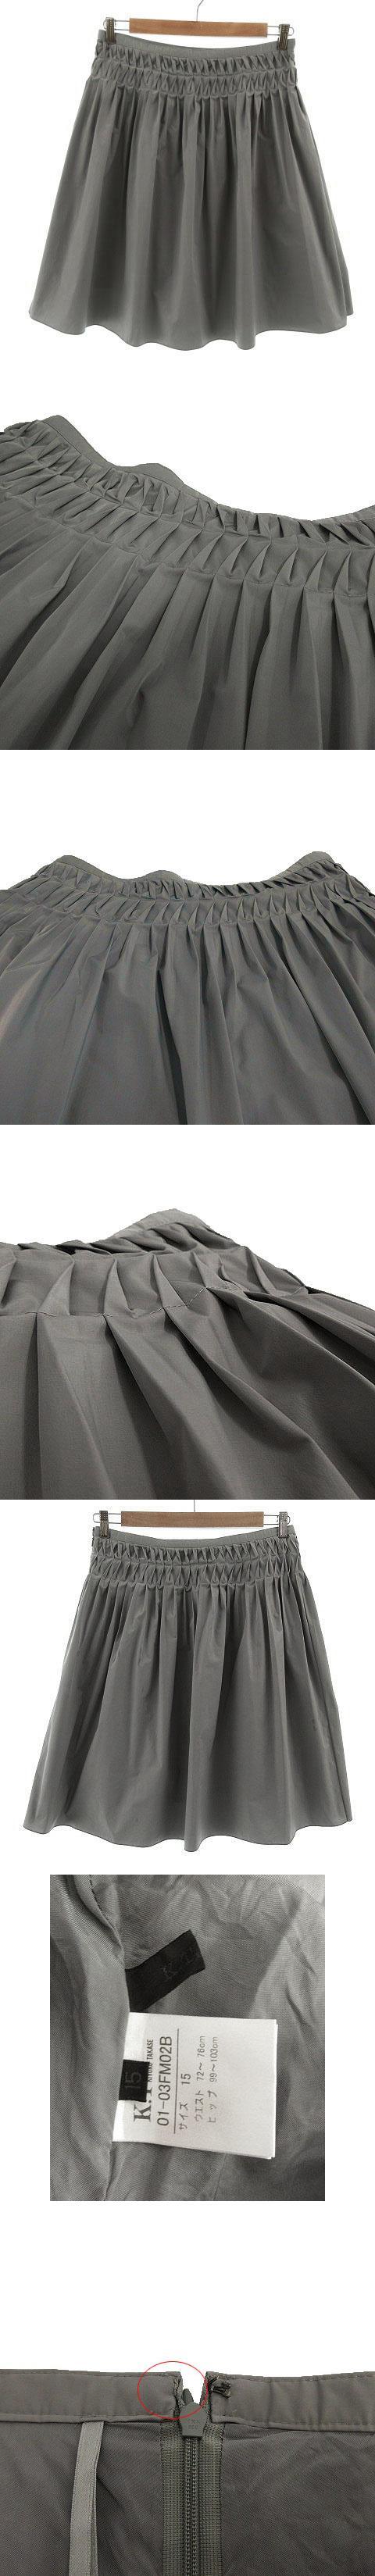 スカート ひざ丈 総裏地 日本製 グレー 15